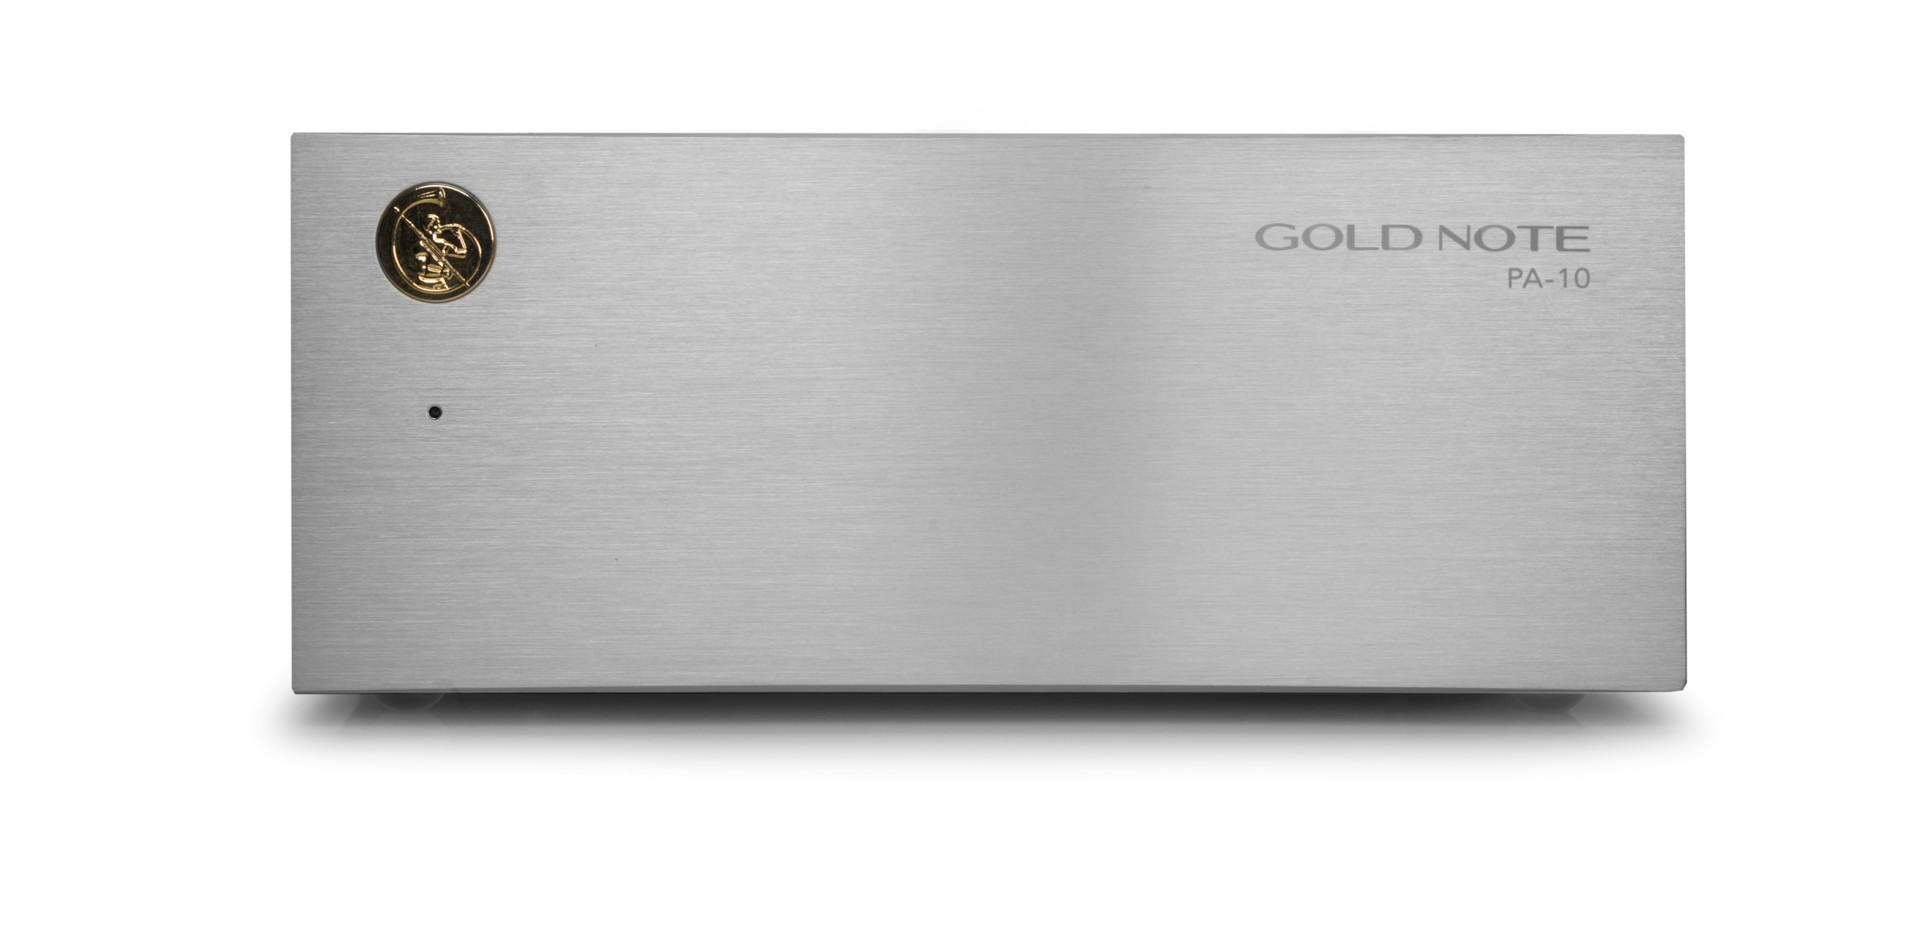 Gold Note PA-10 серебристый